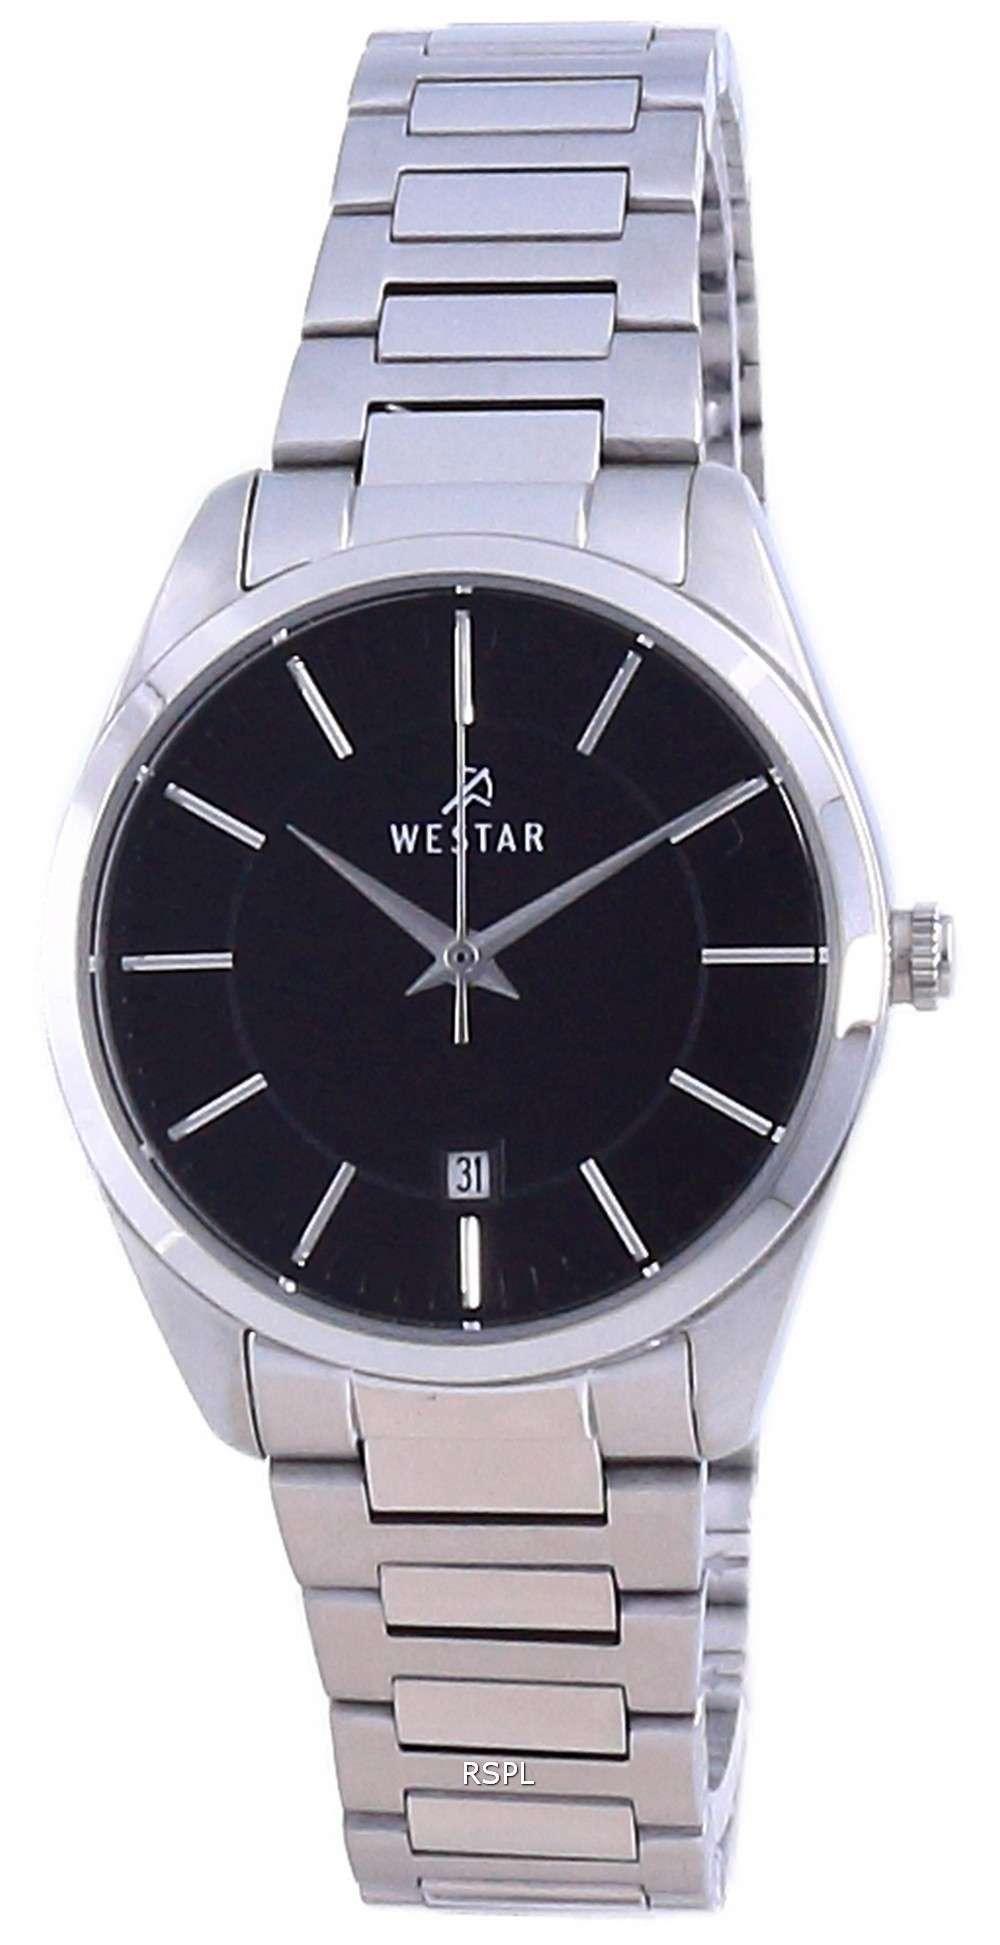 Westar, esfera negra, acero inoxidable, cuarzo 40213 STN 103, reloj para mujer